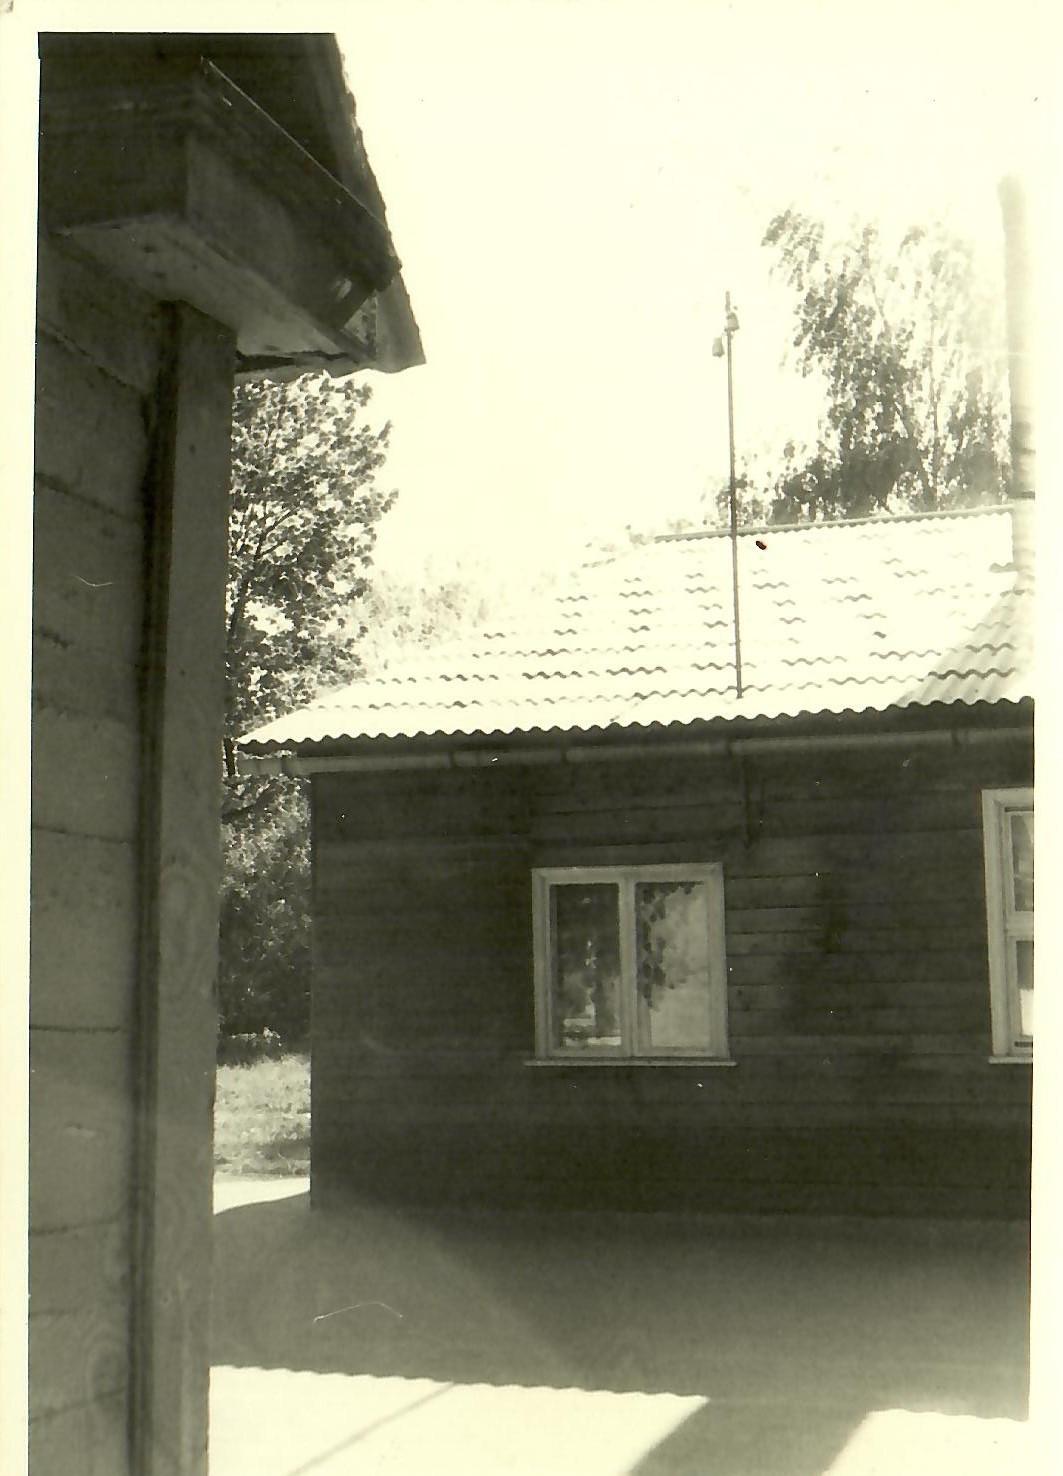 Skats no dārznieka mājiņas stūra uz pansionāta noliktavu 1971.gads (Foto no V.Kārkliņa arhīva)